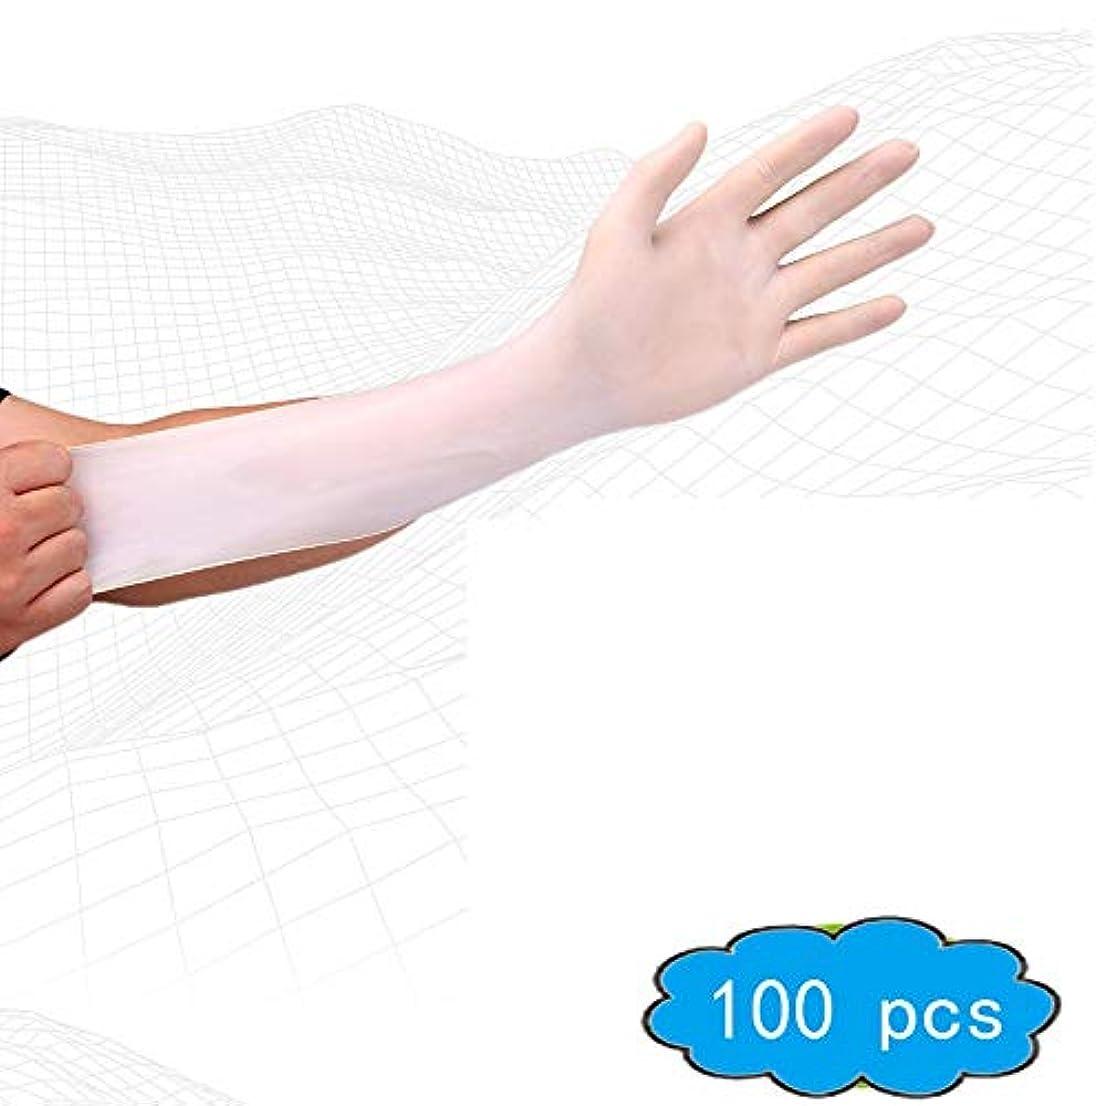 コマースその他困難使い捨てラテックス手袋、パウダーなし/ポックマーク/左手および右手、100箱、厚手、食品グレード、実験室、電子機器、ケータリング、高弾性手袋 (Color : Beige, Size : XS)